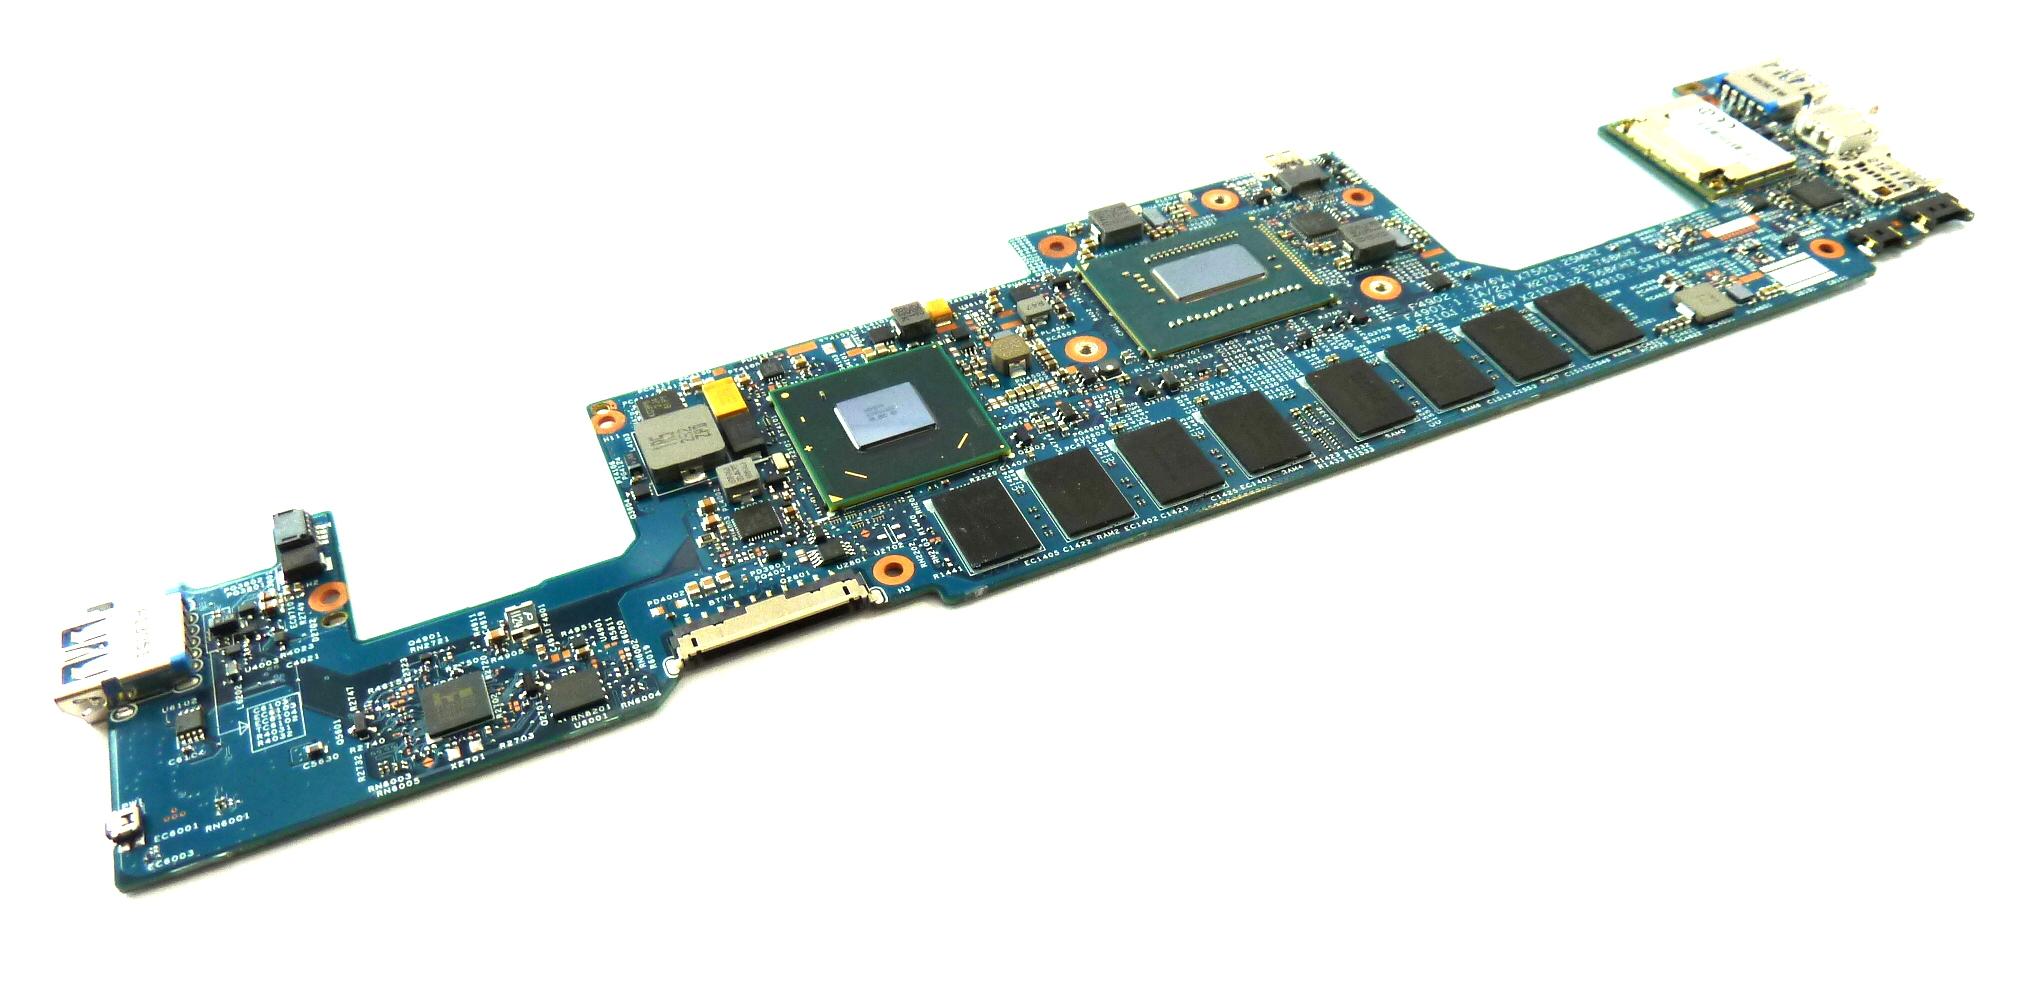 Acer NB.M4211.003 Laptop Motherboard /w Intel Core i5-3337U - 48.4WD04.02N